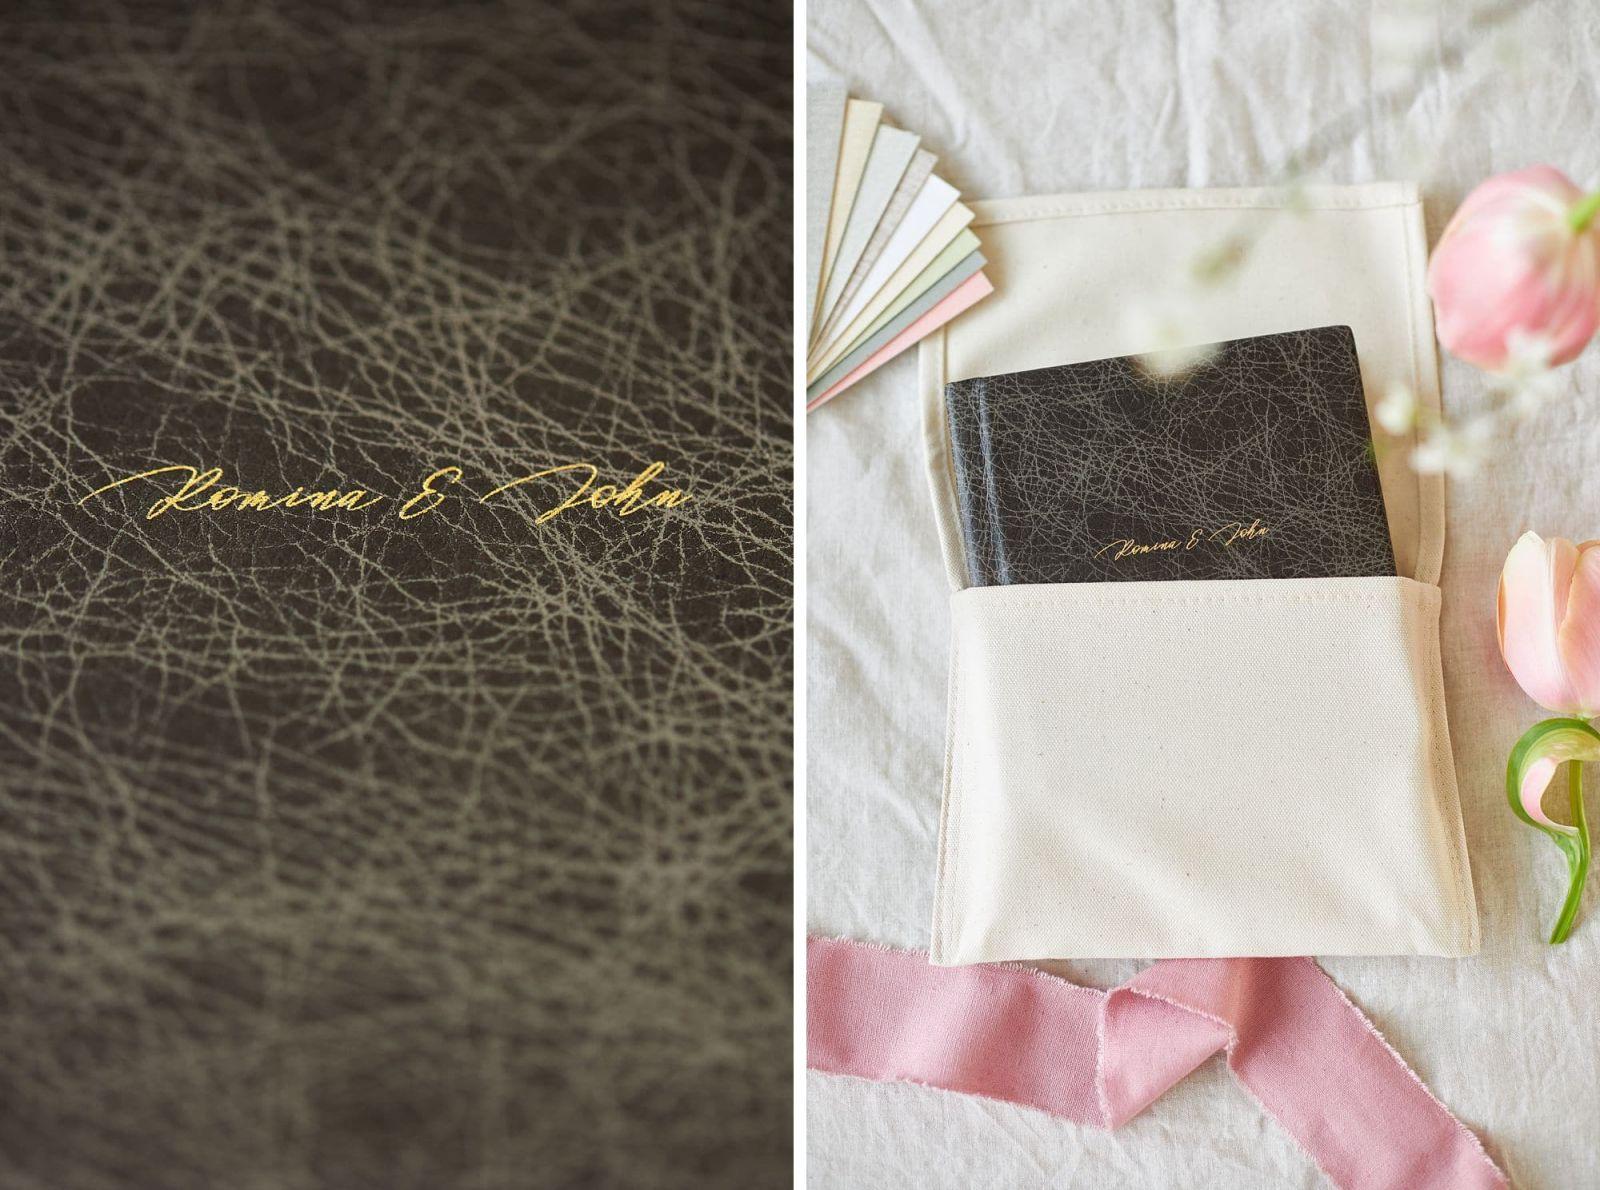 Ein Hochzeitsbuch mit echtem Leder und einer Prägung mit 22 Karat Gold